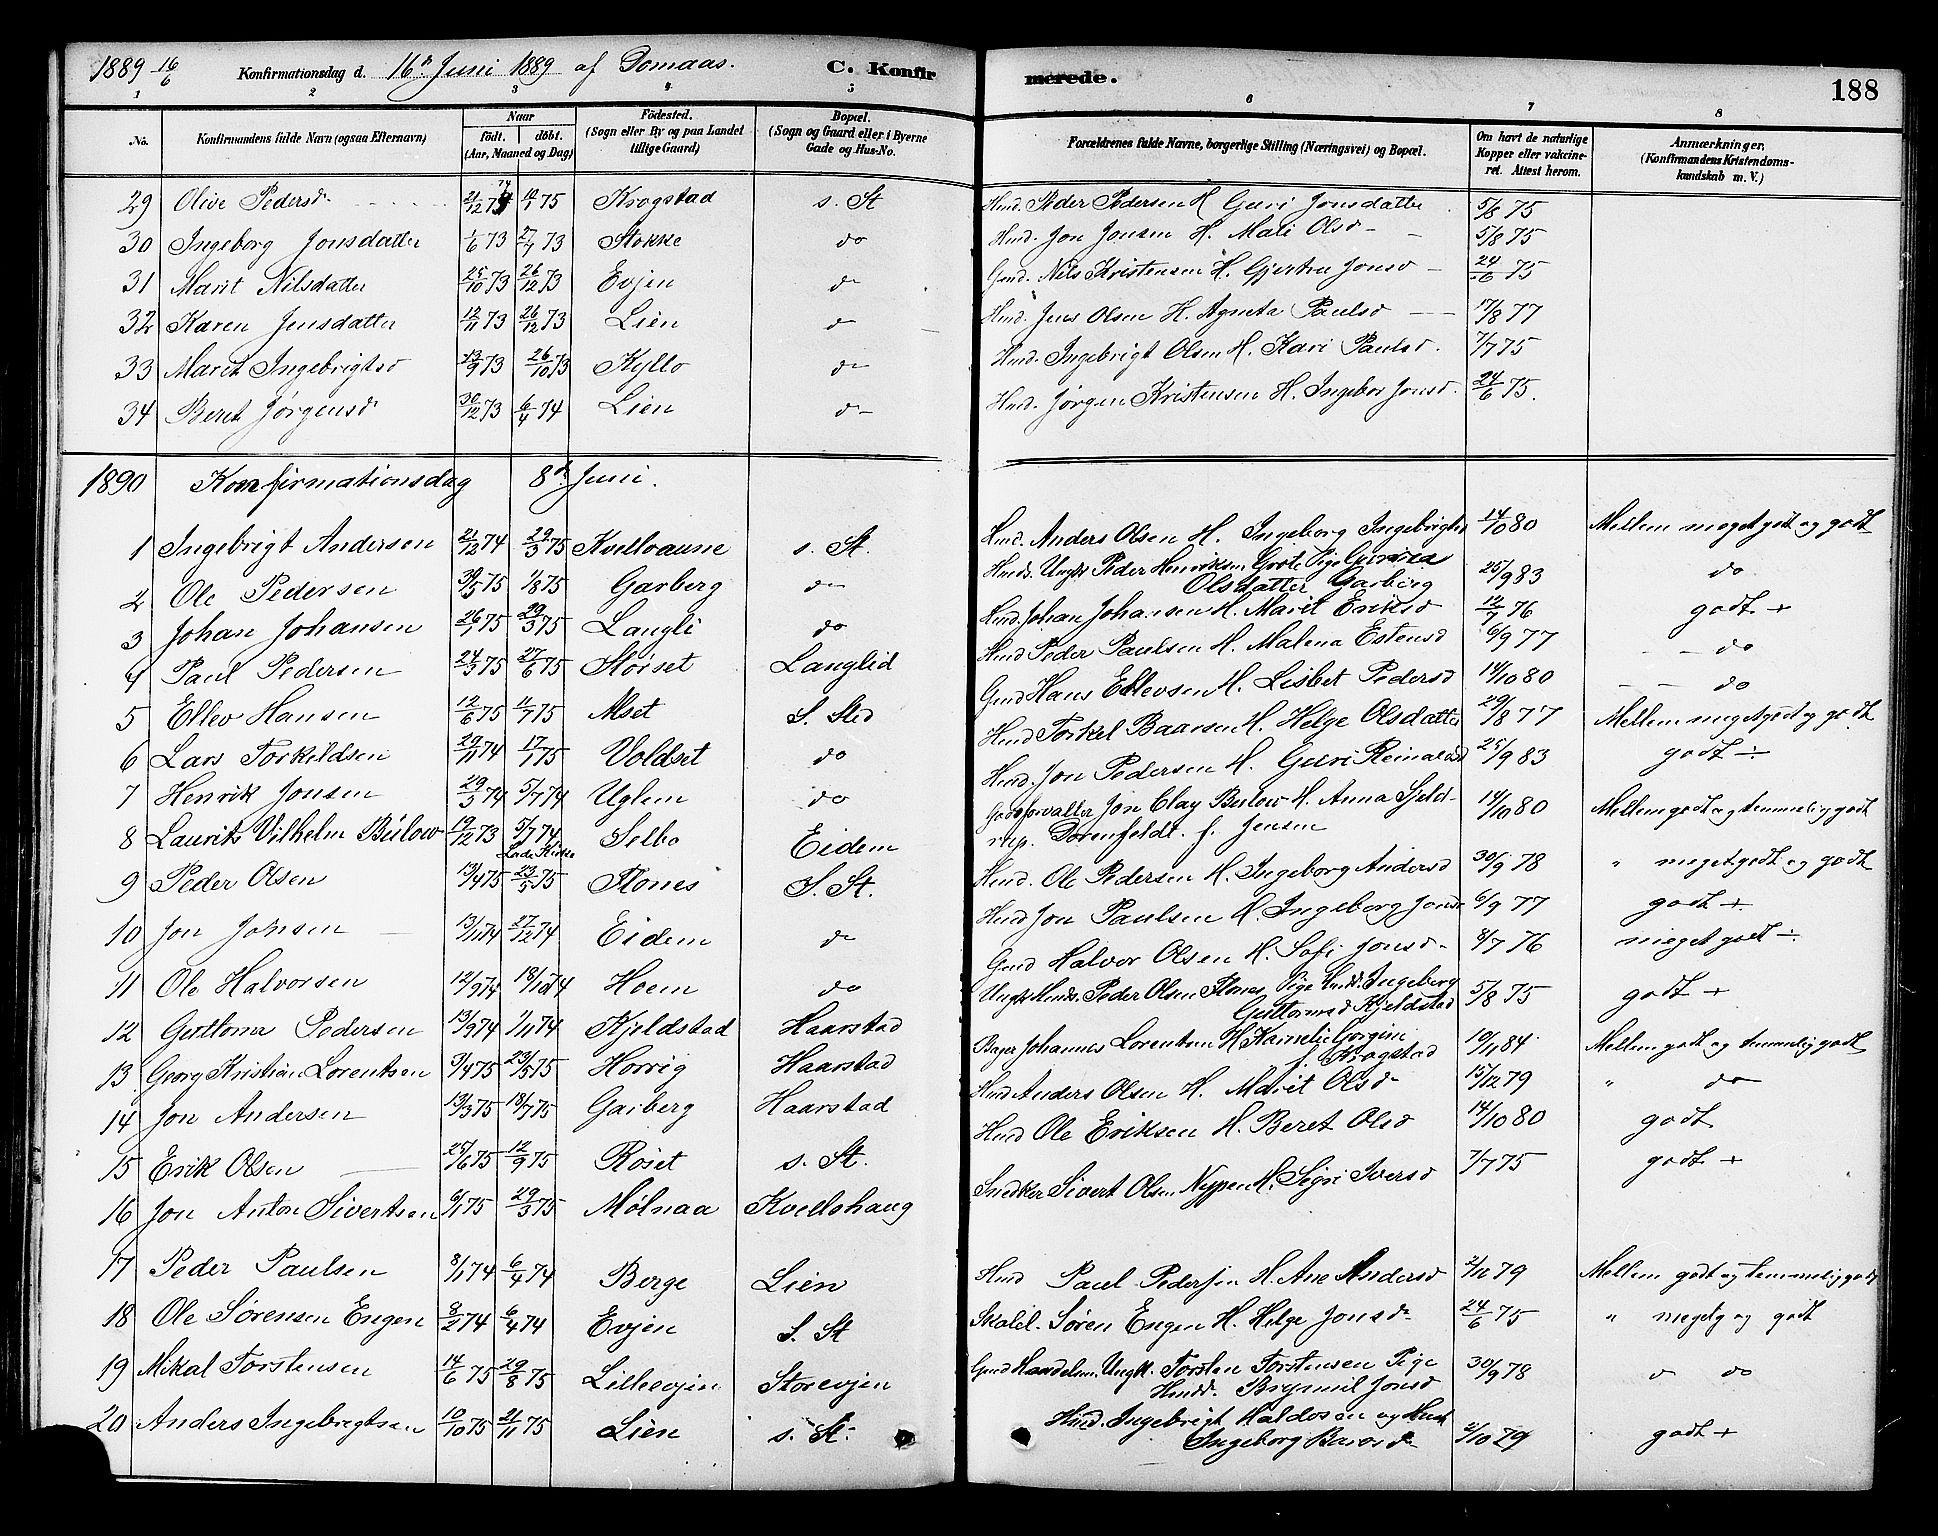 SAT, Ministerialprotokoller, klokkerbøker og fødselsregistre - Sør-Trøndelag, 695/L1157: Klokkerbok nr. 695C08, 1889-1913, s. 188